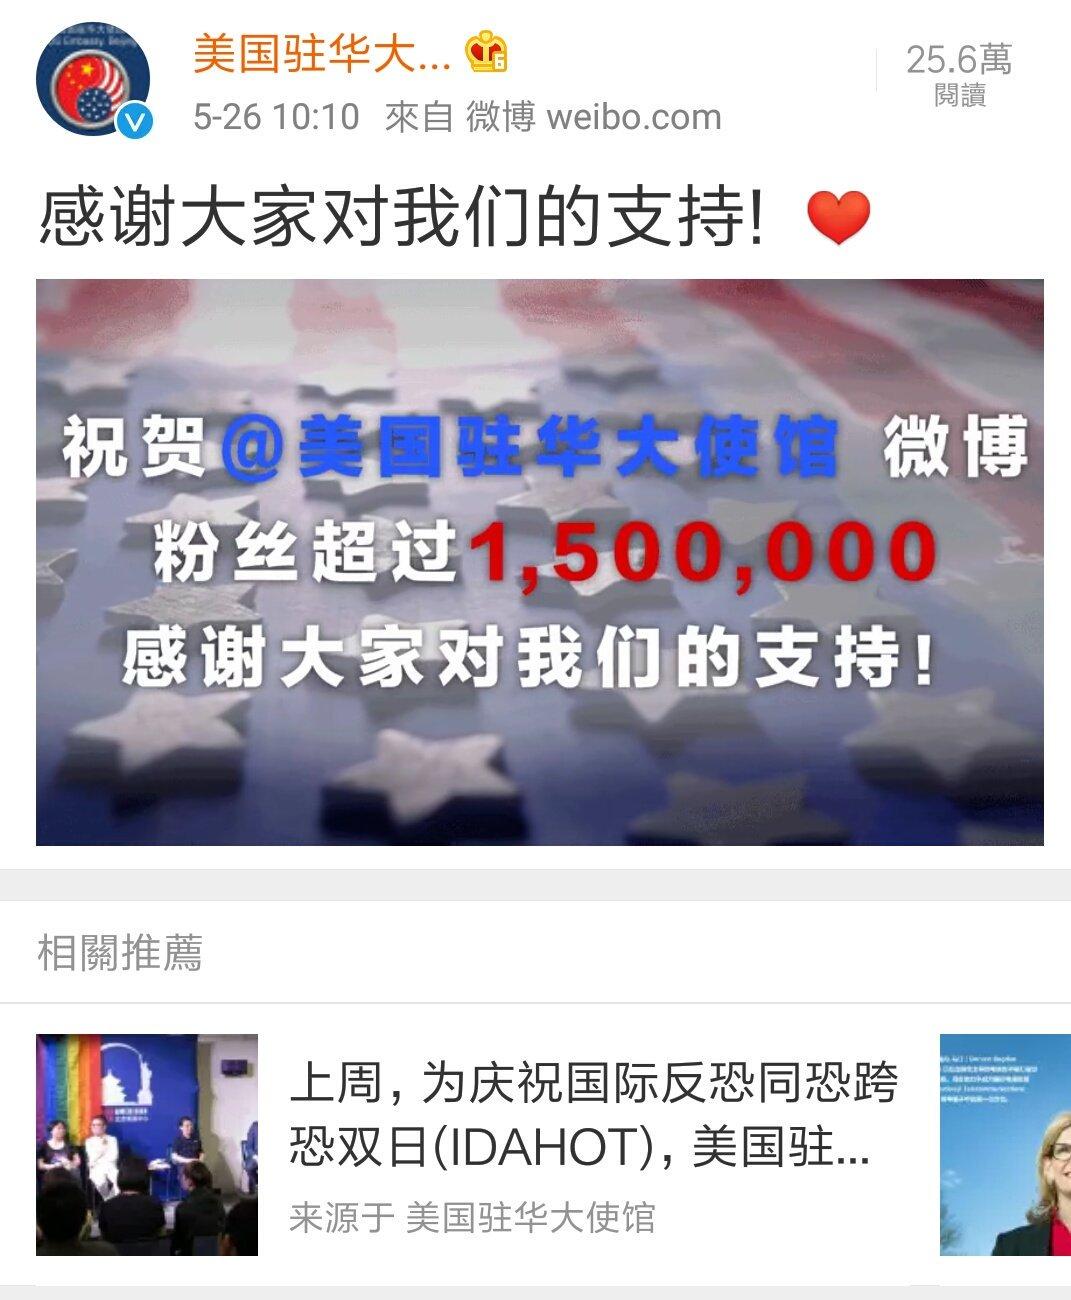 RT @zhanglucy88: ᄒホ¥ロᄑ←ᄅᄏ¥ヘホ¥ᄂᄃ¦ᄑ←ᆭニ¥ᄒᆴ¥ヘレᄇノ¦ᄌン¥ᄋᄇᄏマ₩ᄏᄀ150¦ᄌヌ ᄑム¥マヒ¦ᄏᆲ¥ᄌᆭ│ᄋᆵ¥ナレ¥ᄂレレト₩ユᄚ¦ᄌヘ│ヌ₩ンᆬ゚リツ゚リツ゚リツ https://t.co/XXL9vUP1ja